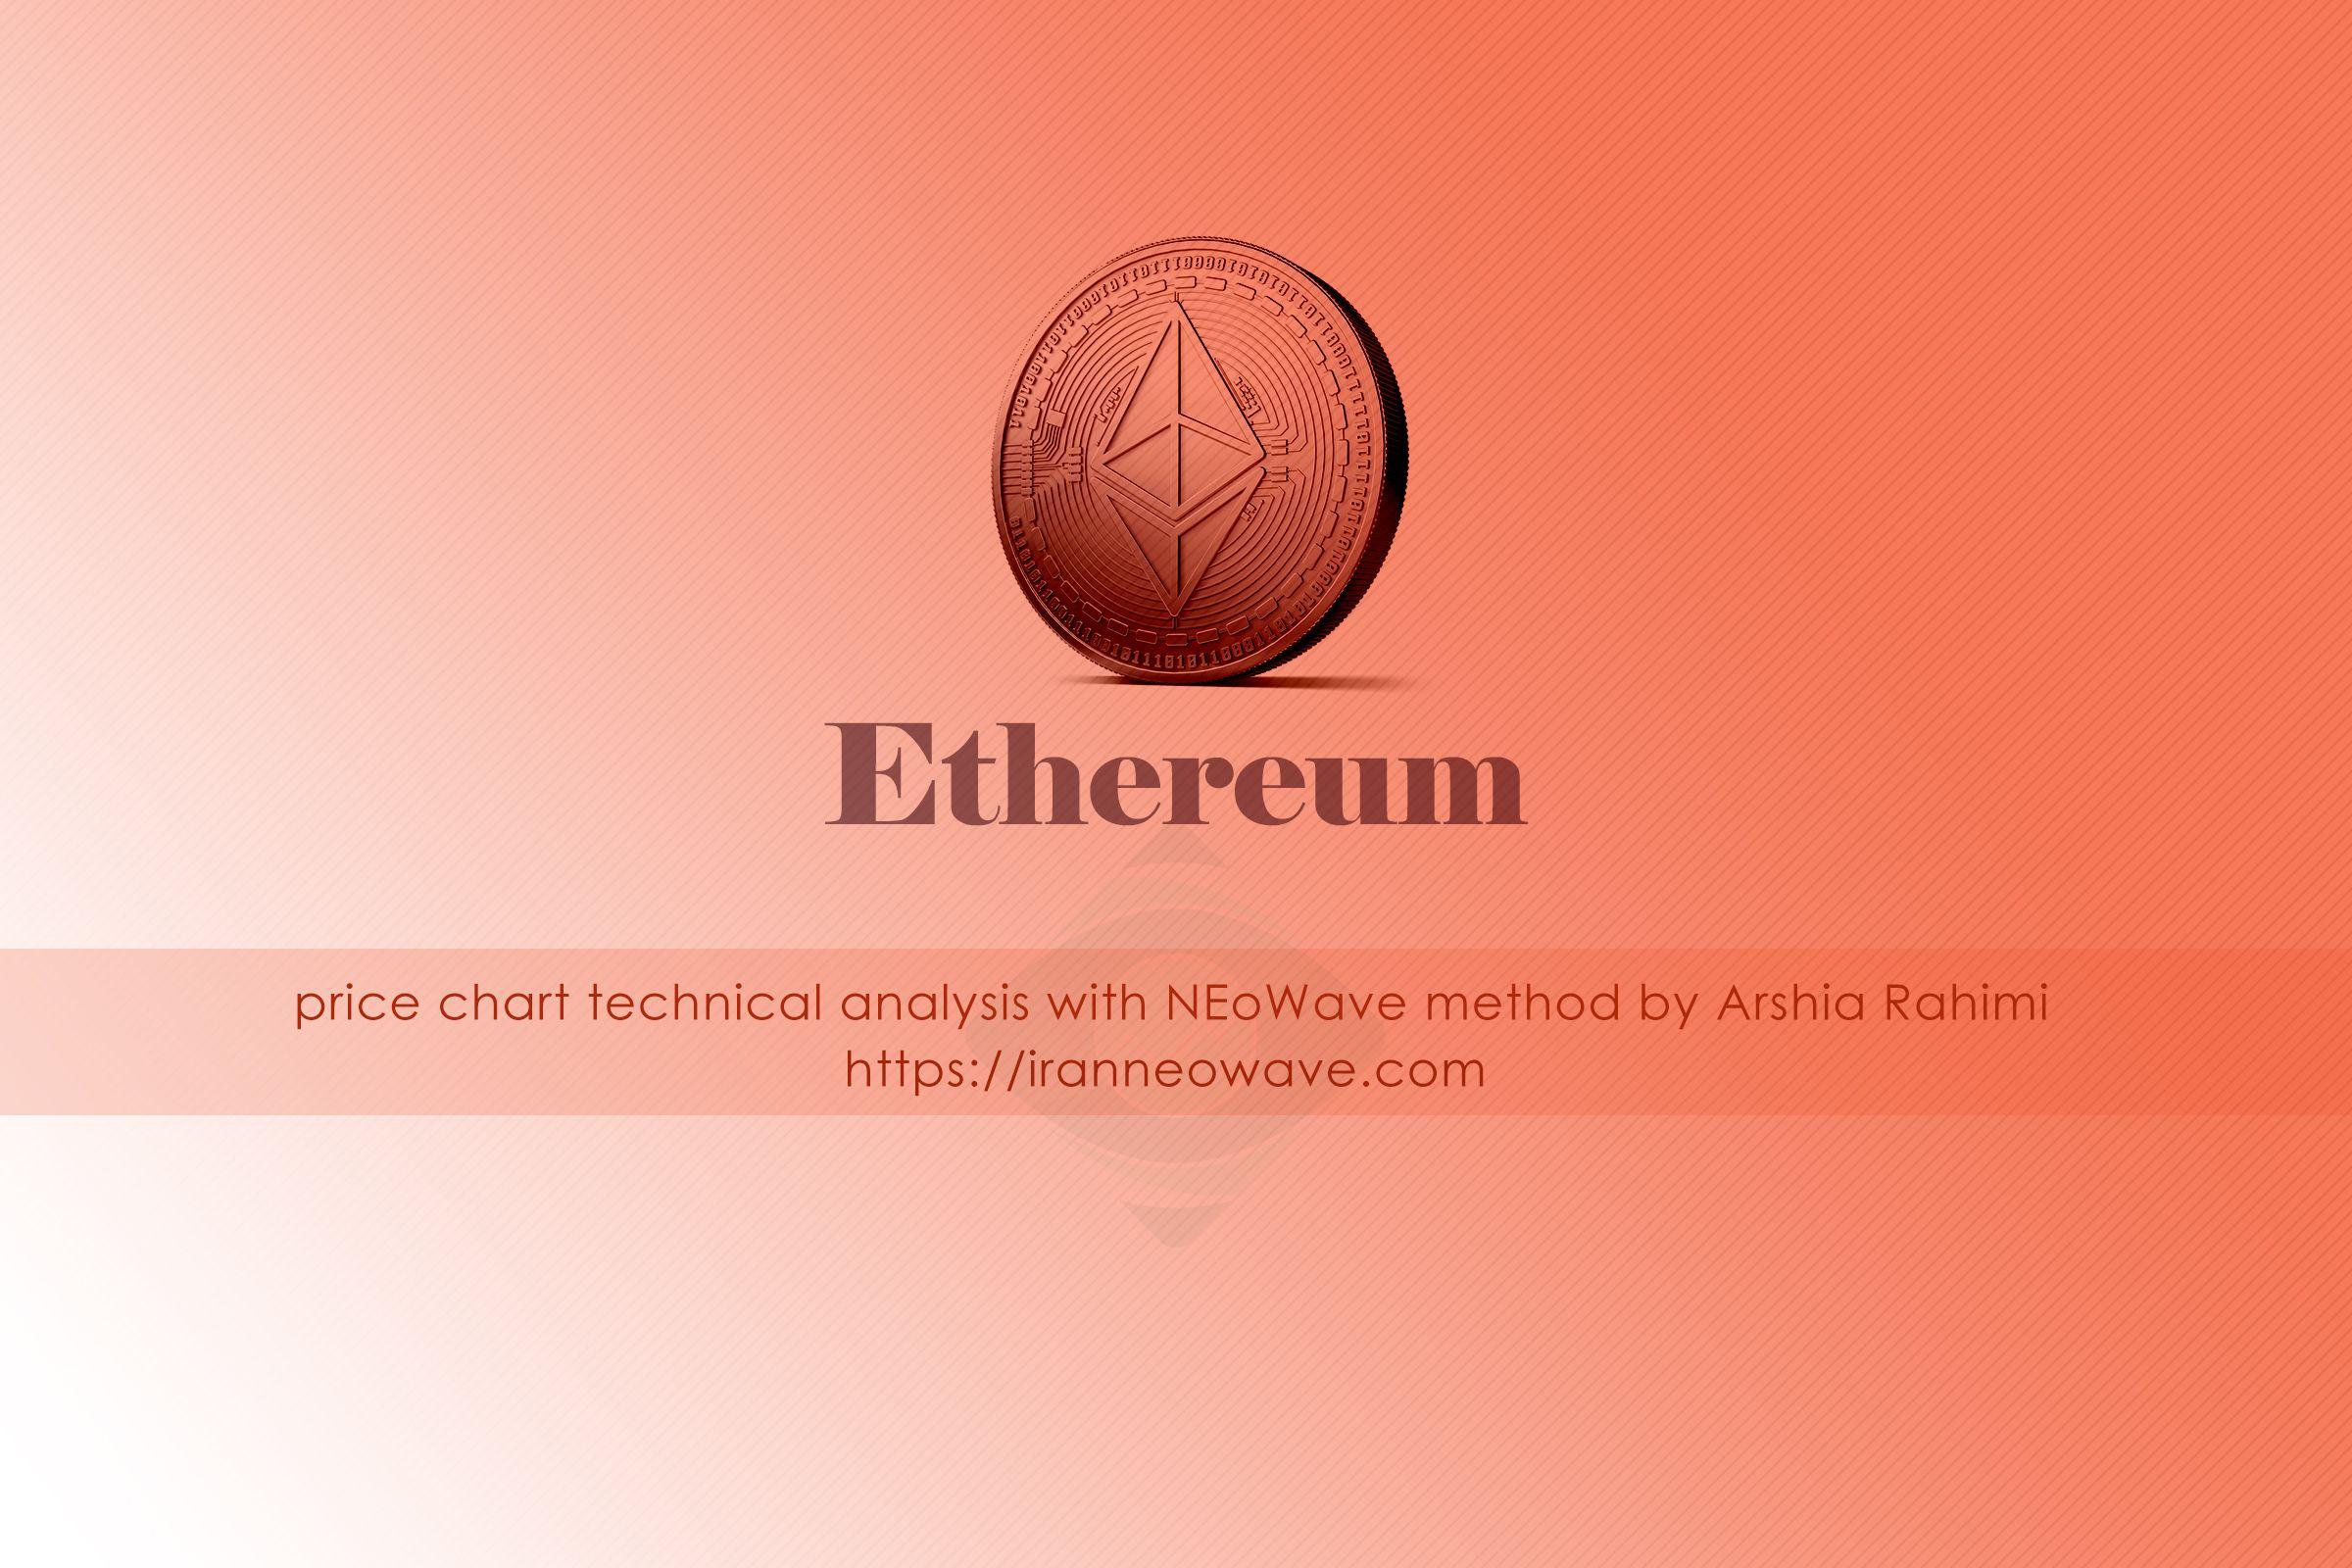 Ethereum-NeoWave-Analysis-Banner-01